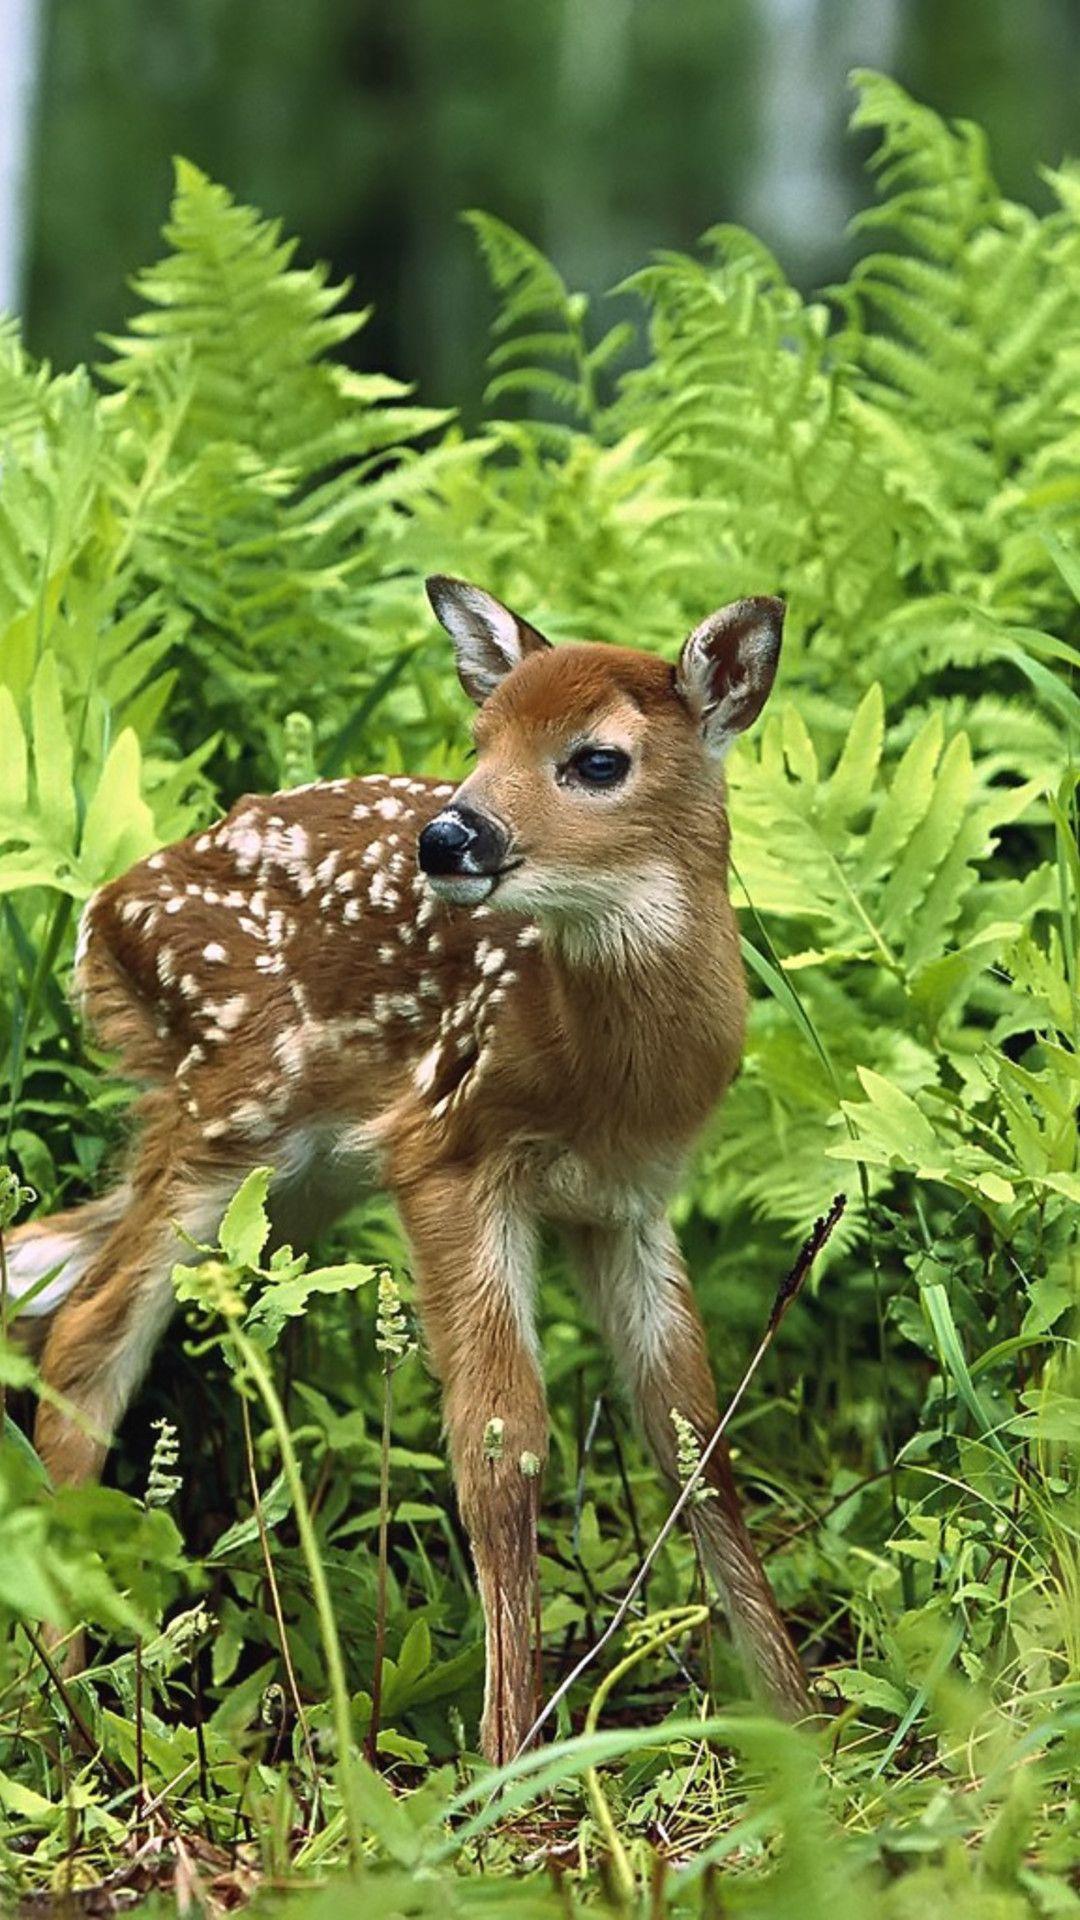 Wallpaper Download X A Sweet Baby Deer In The